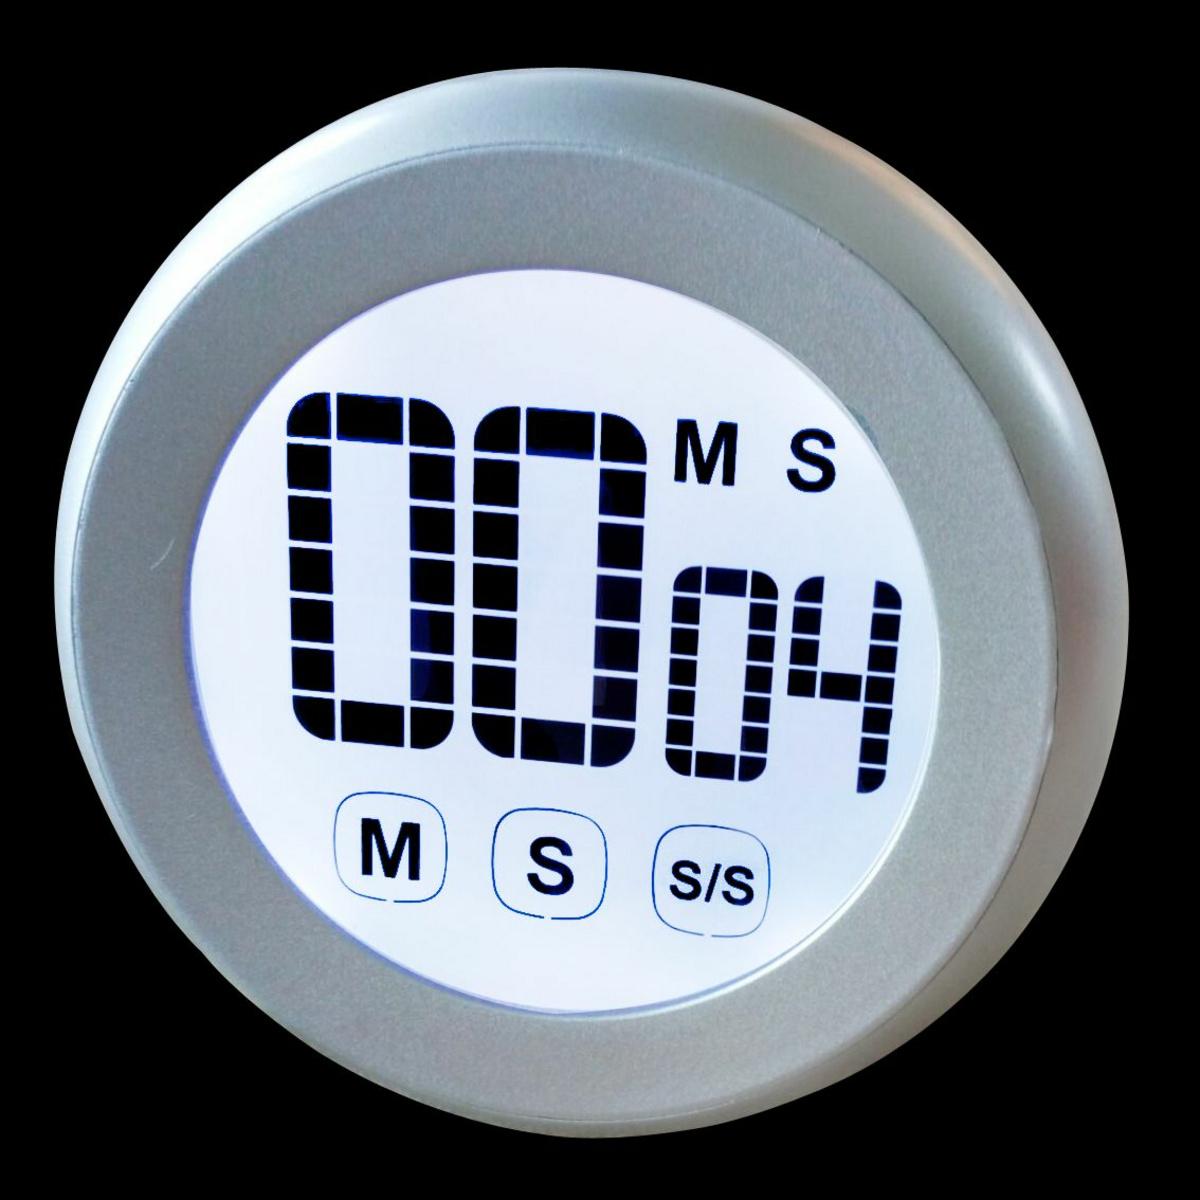 Chronomètre minuteur Alla France